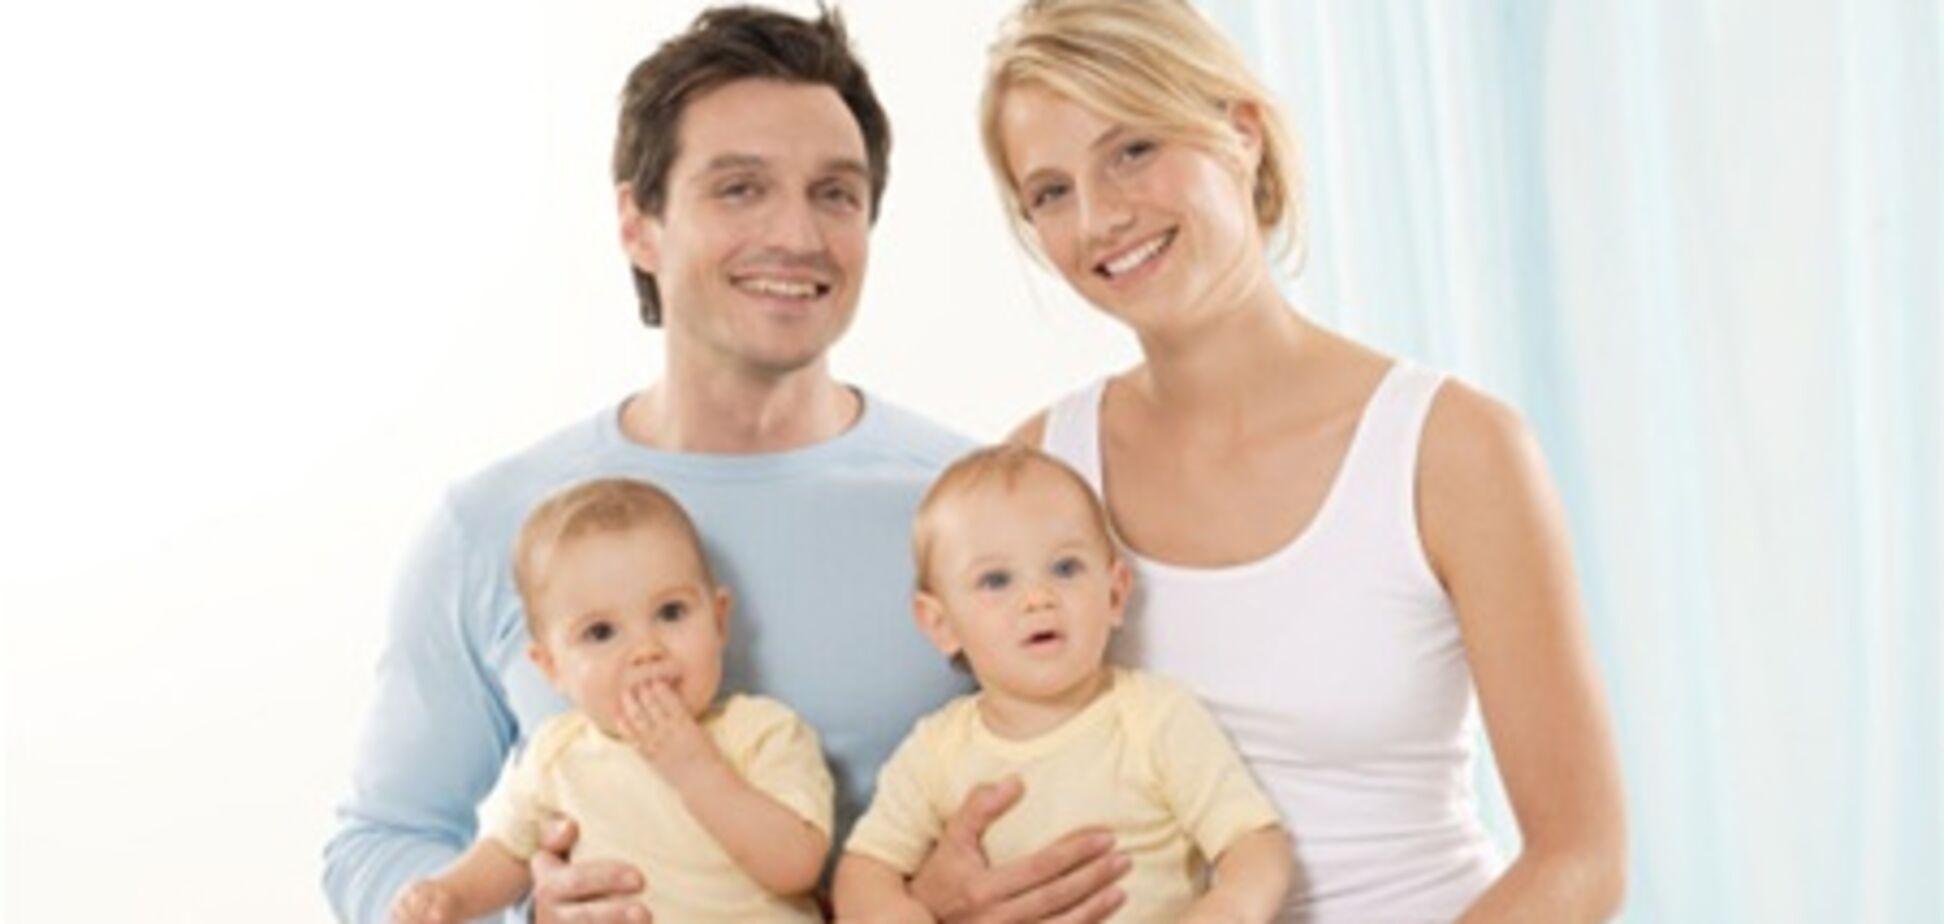 З ким залишать дитину, тому дістанеться більше майна